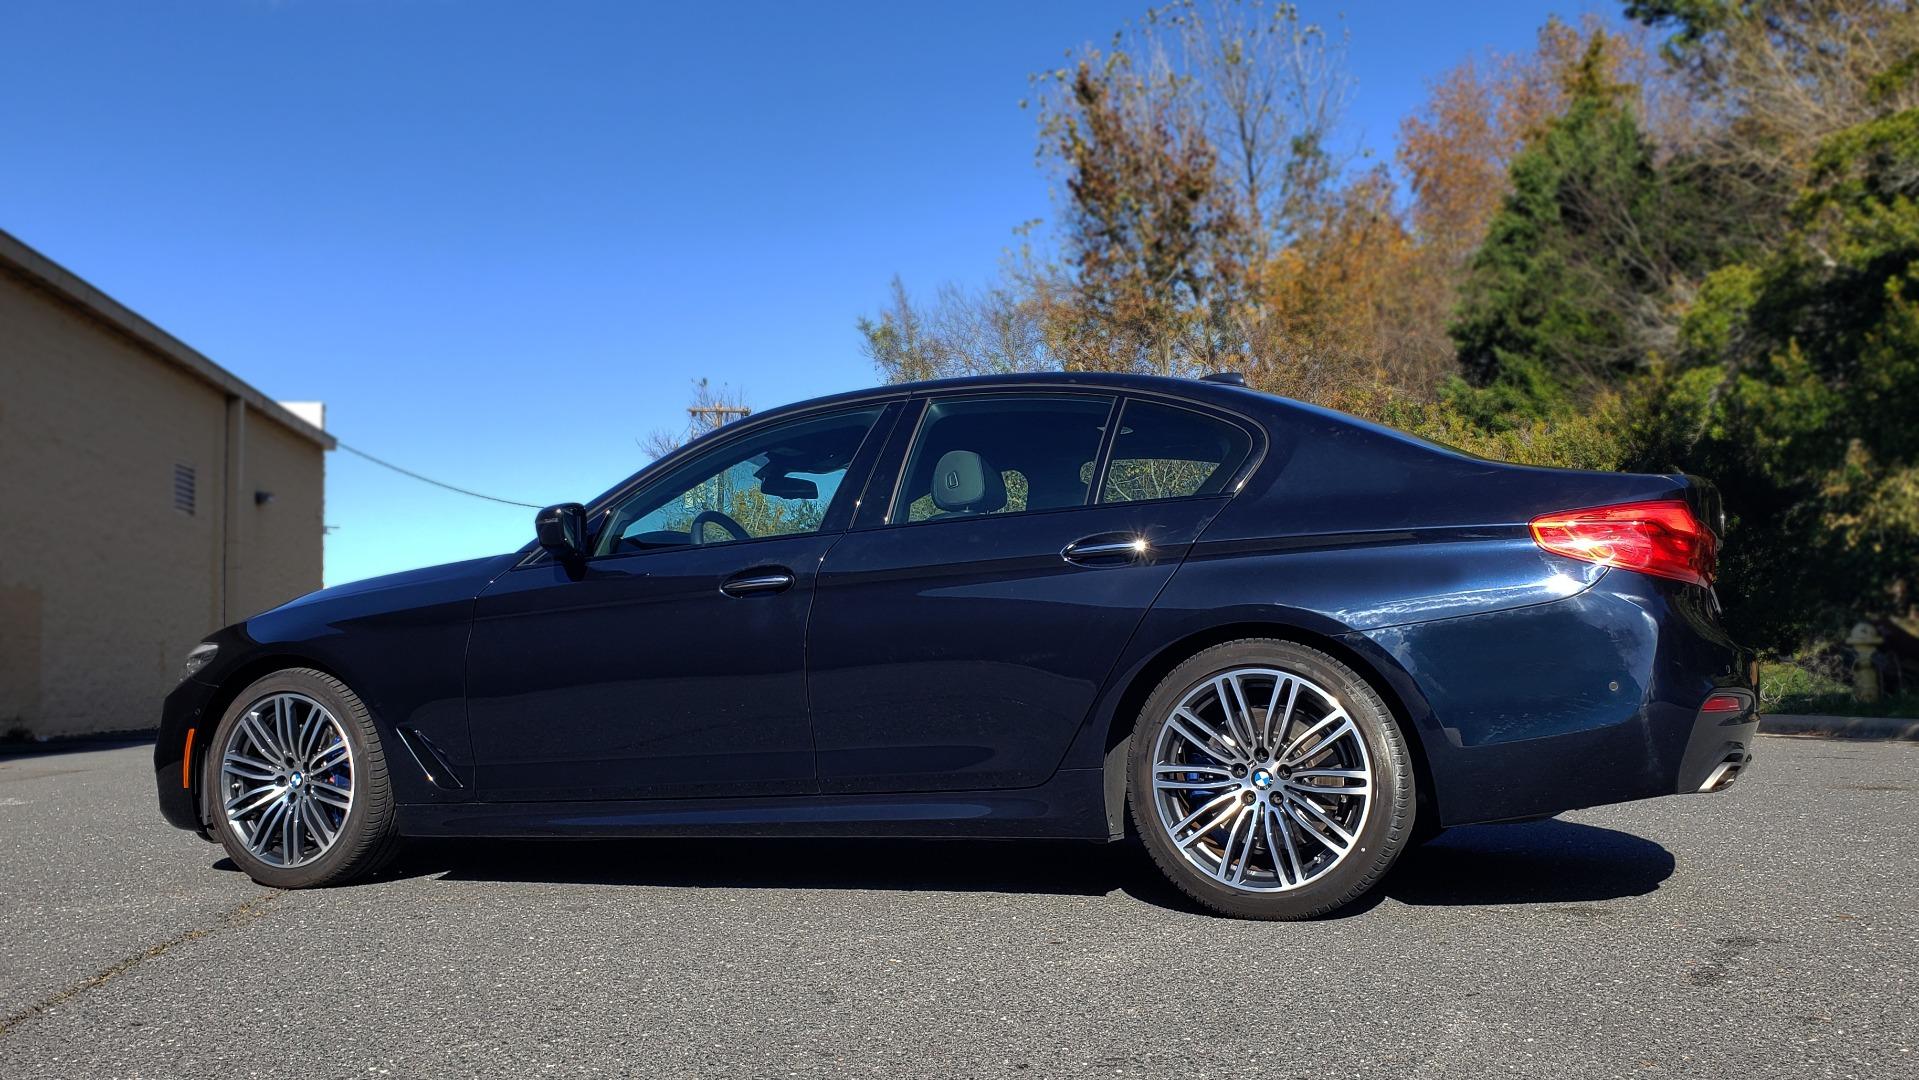 Used 2017 BMW 5 SERIES 530I M-SPORT / PREM PKG / DRVR ASST / HUD / NAV / REARVIEW for sale $33,995 at Formula Imports in Charlotte NC 28227 3